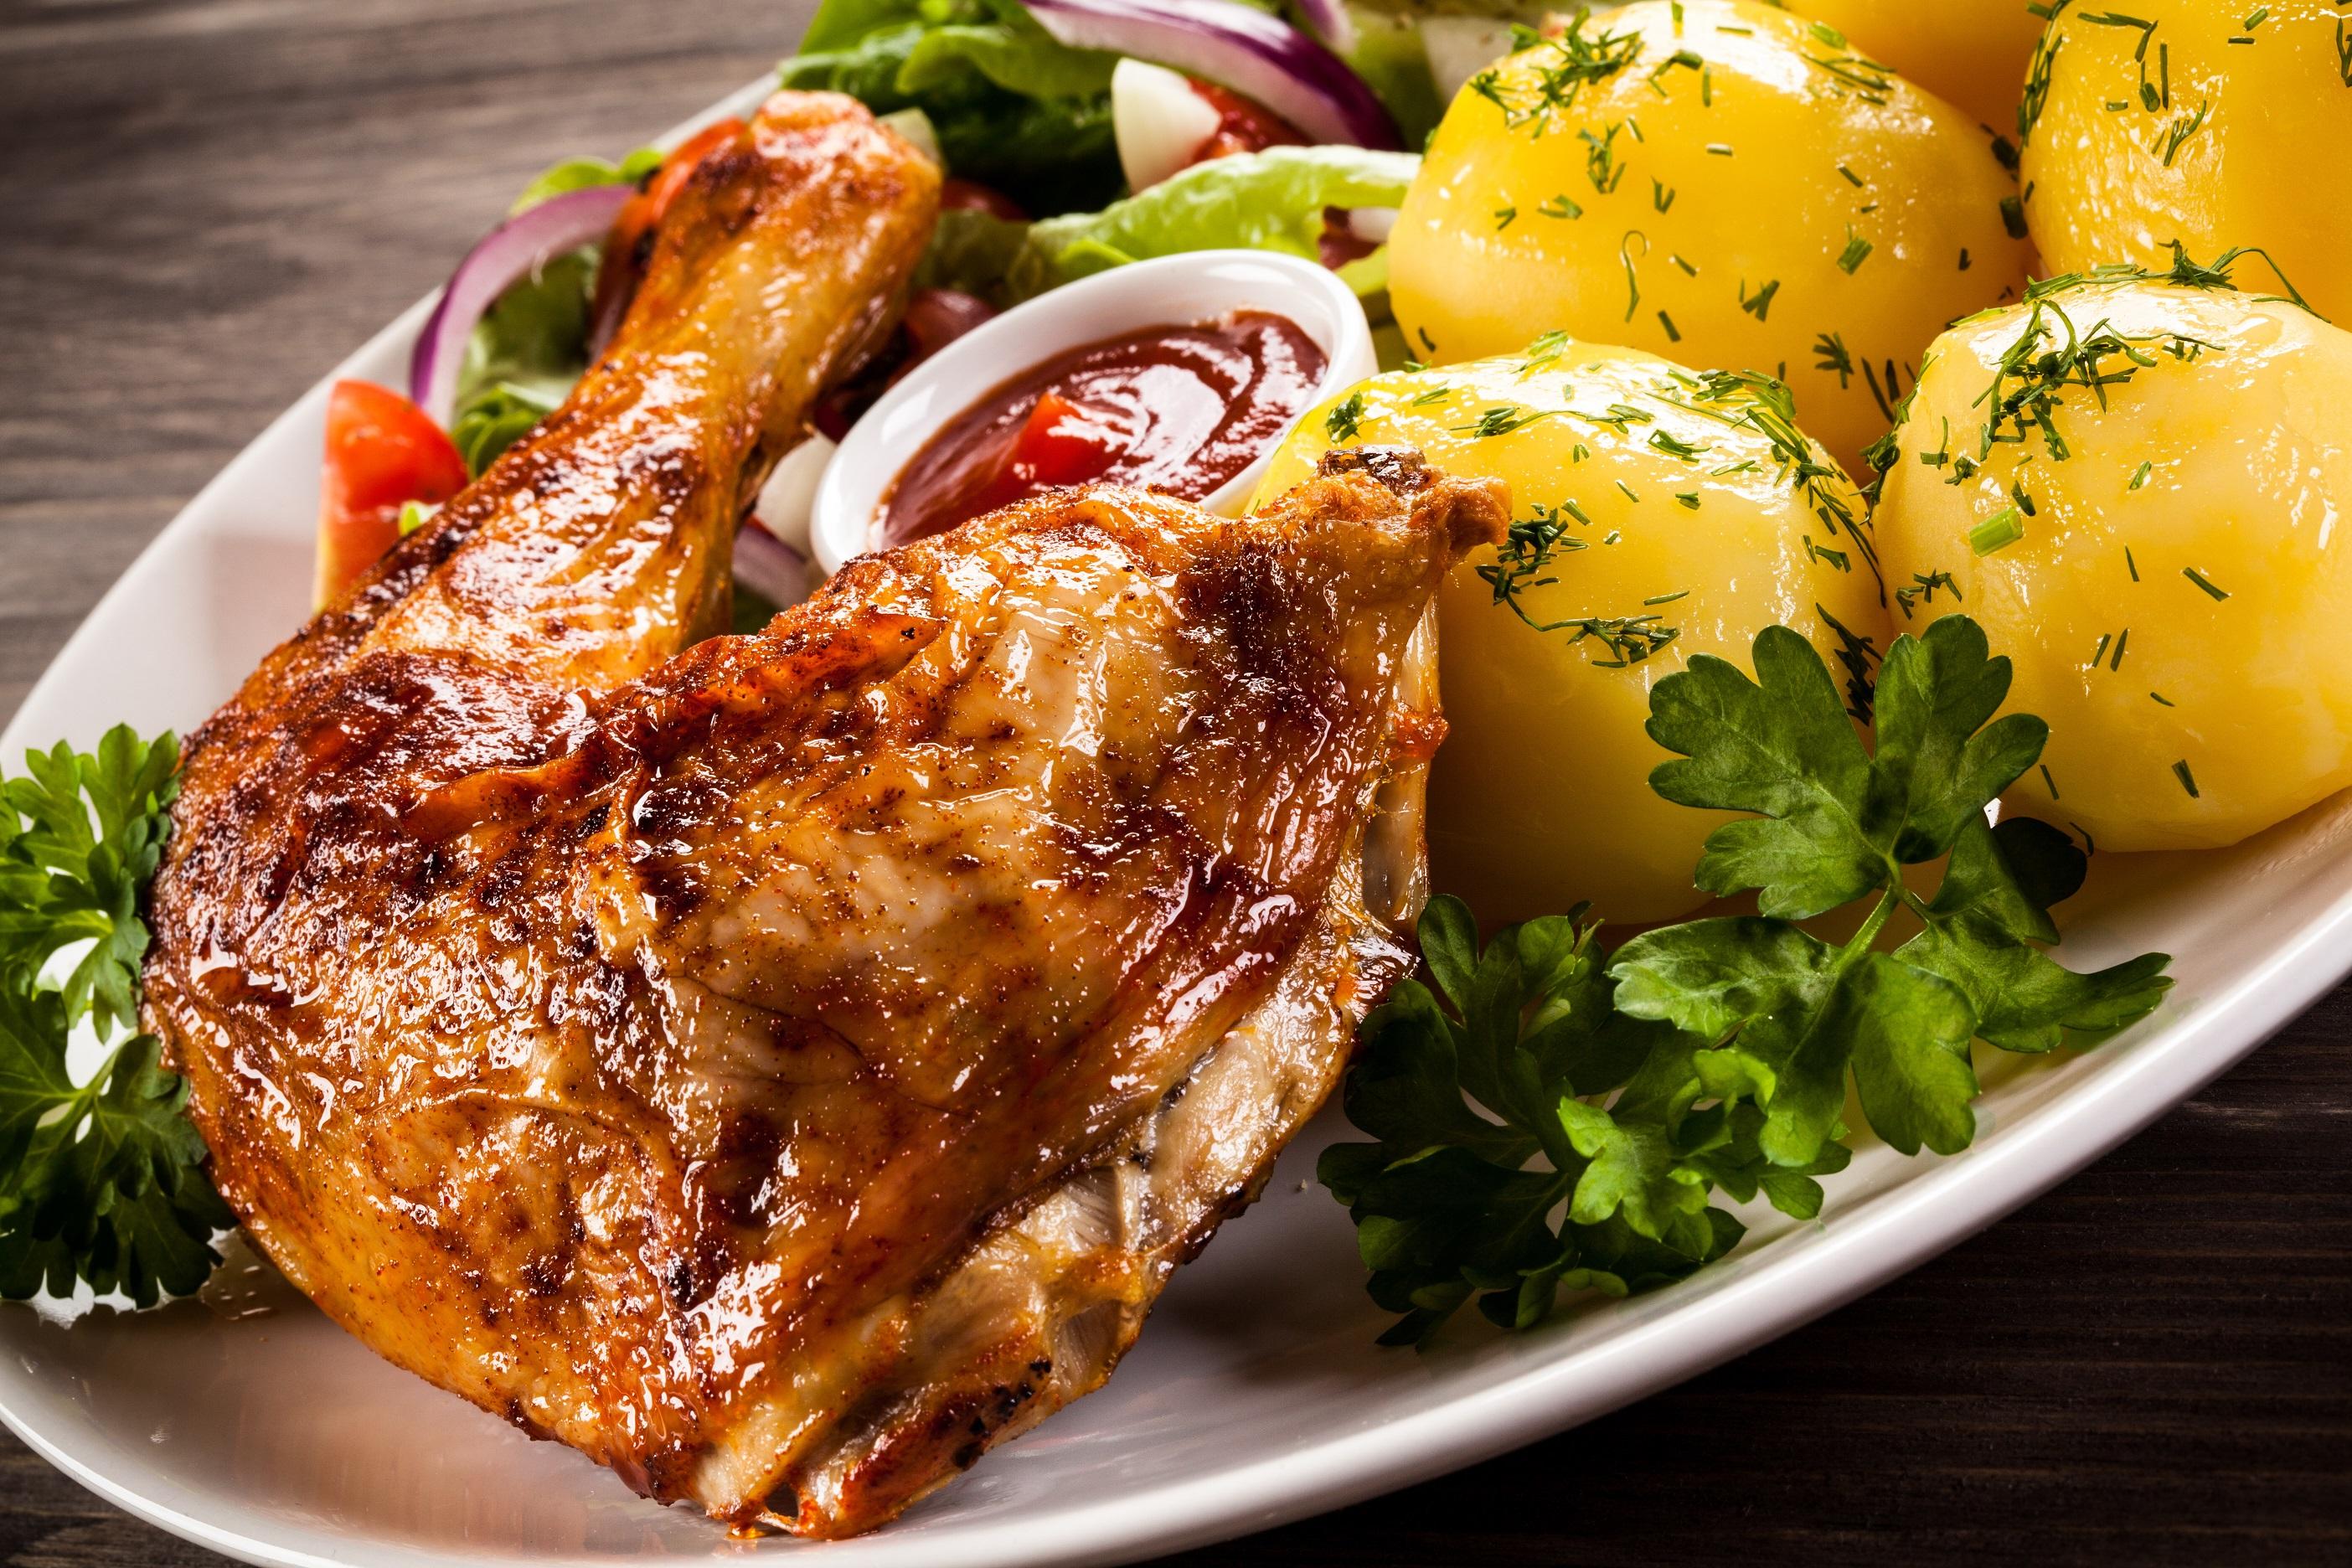 חדש בבית היולדות שיבא: ארוחות מהדרין ליולדת